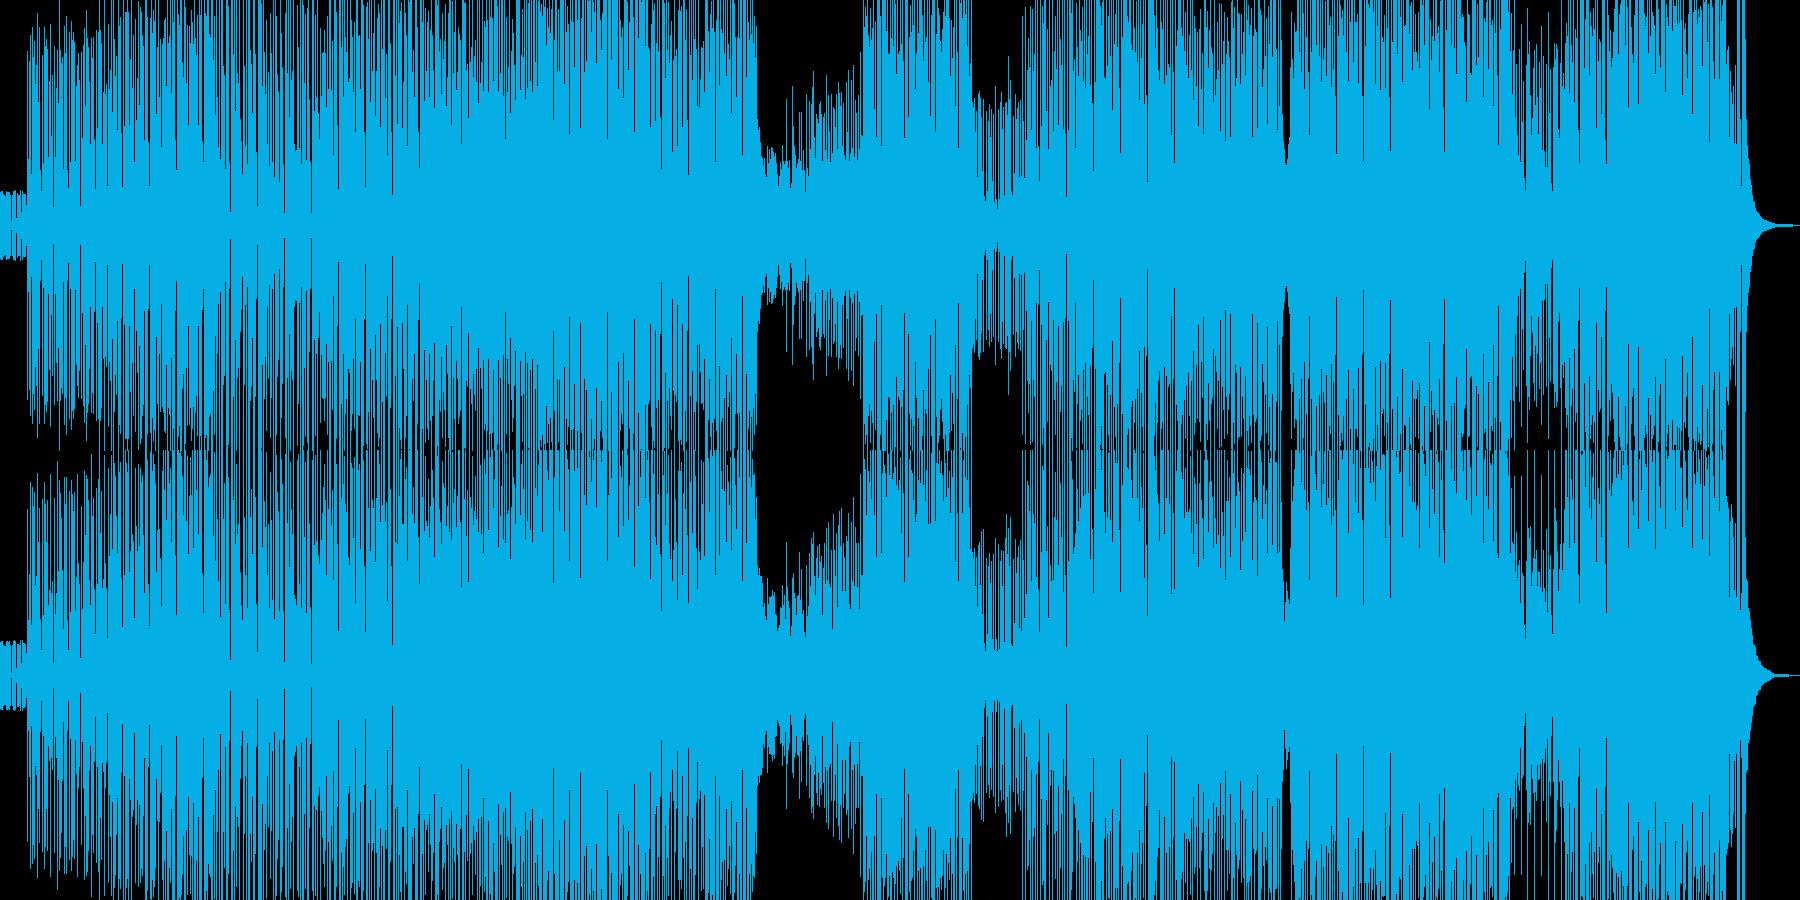 カラフルでユメカワなピコピコポップス Aの再生済みの波形